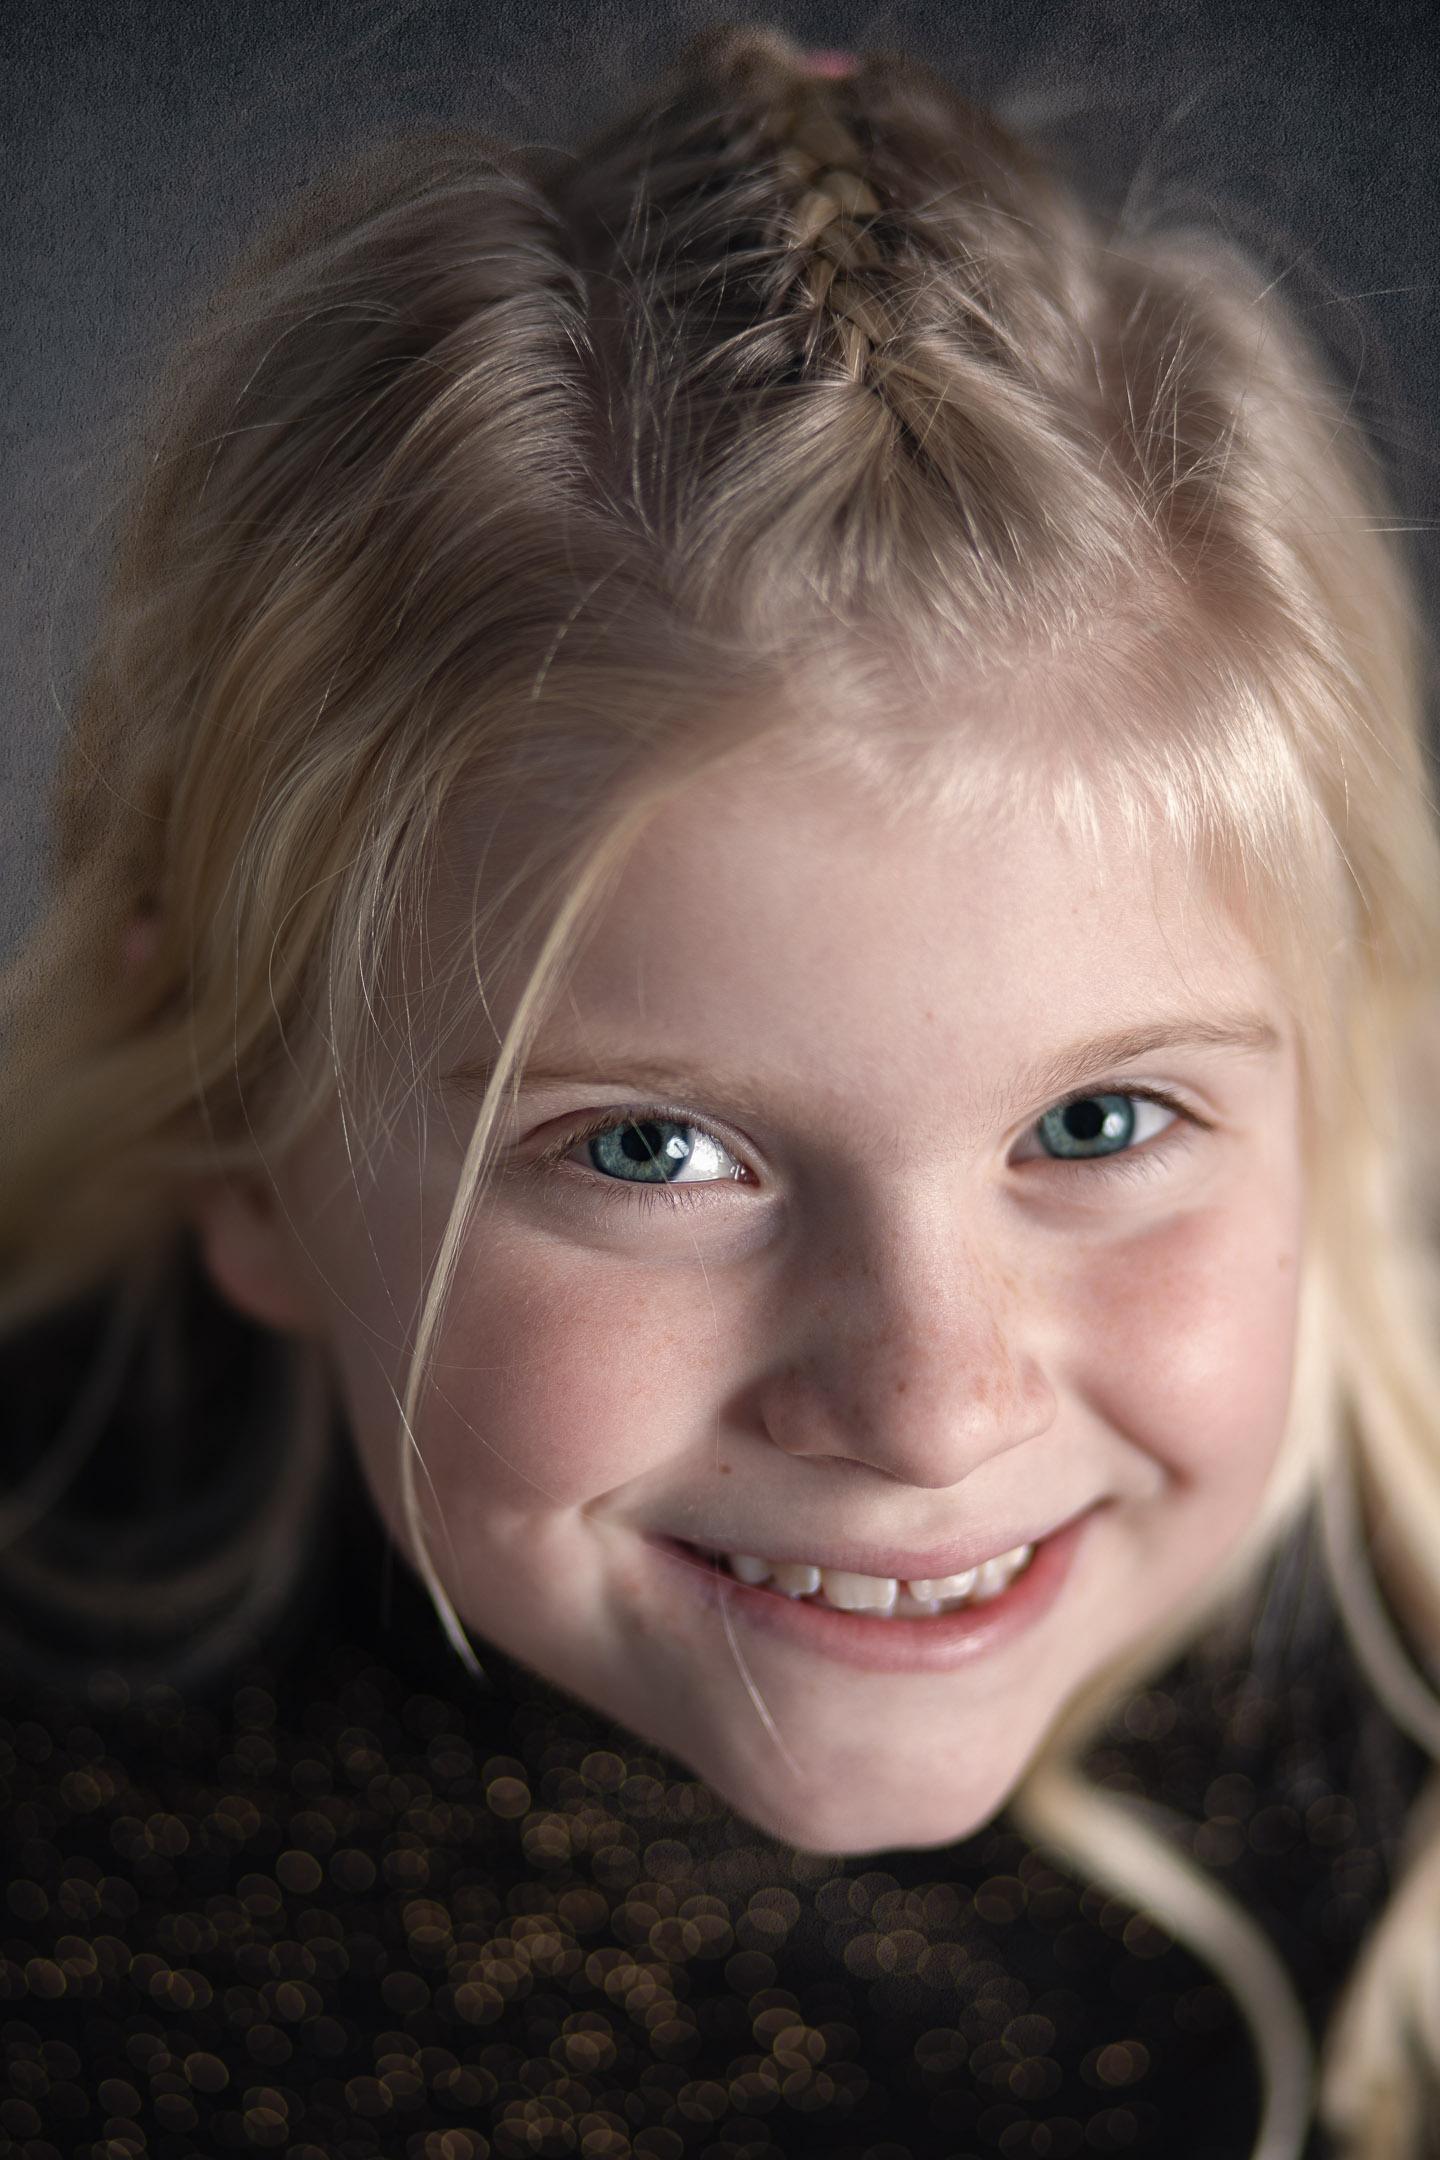 Een speels studioportret van een jong meisje.